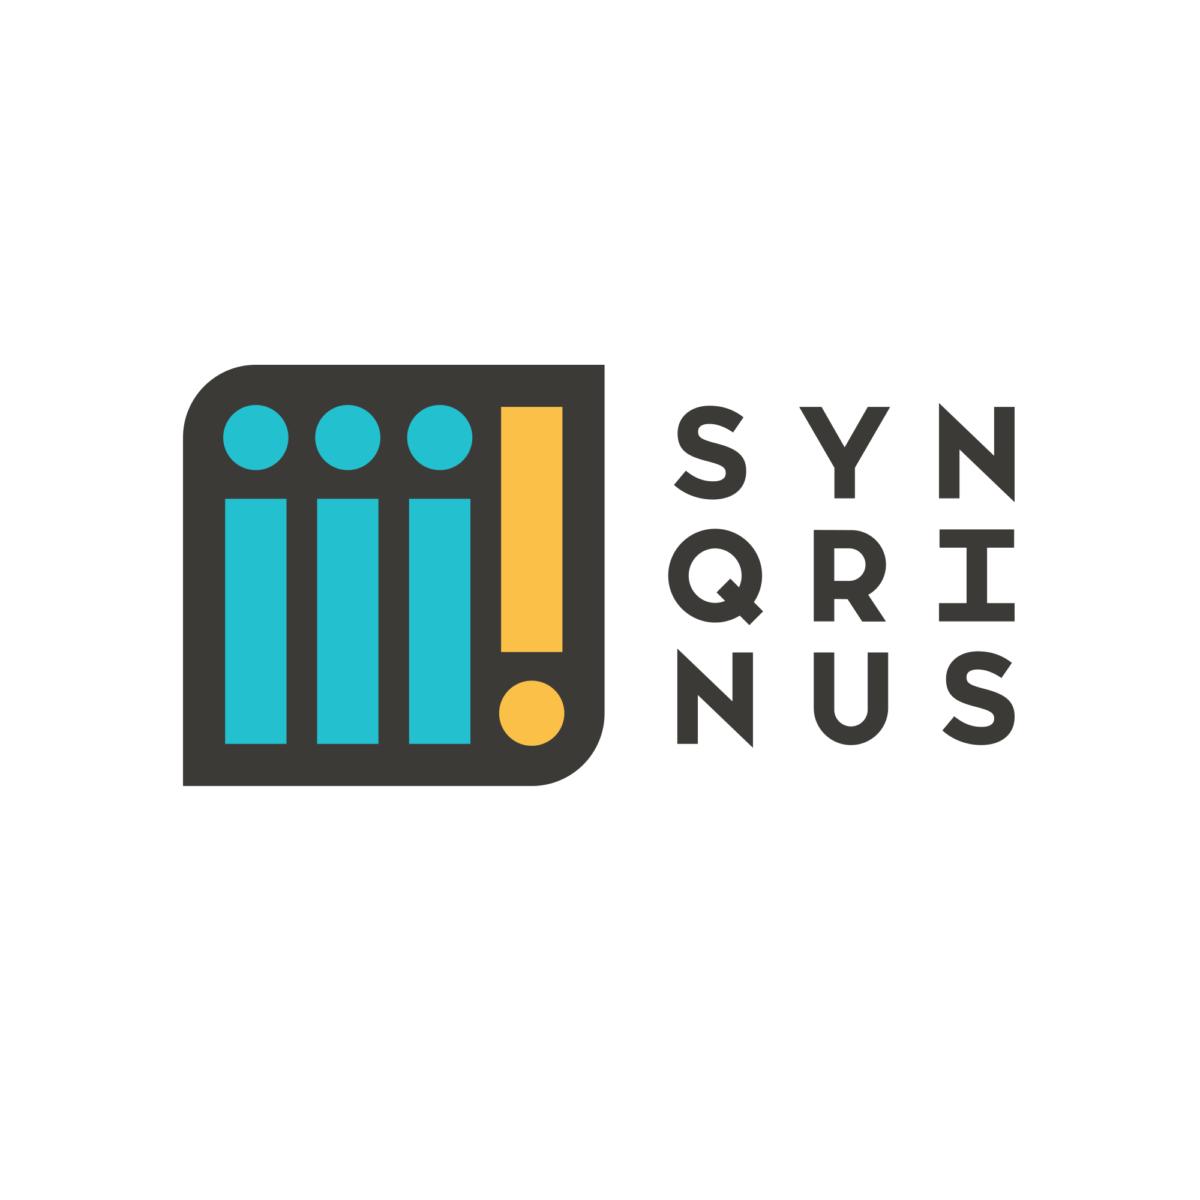 Synqrinus